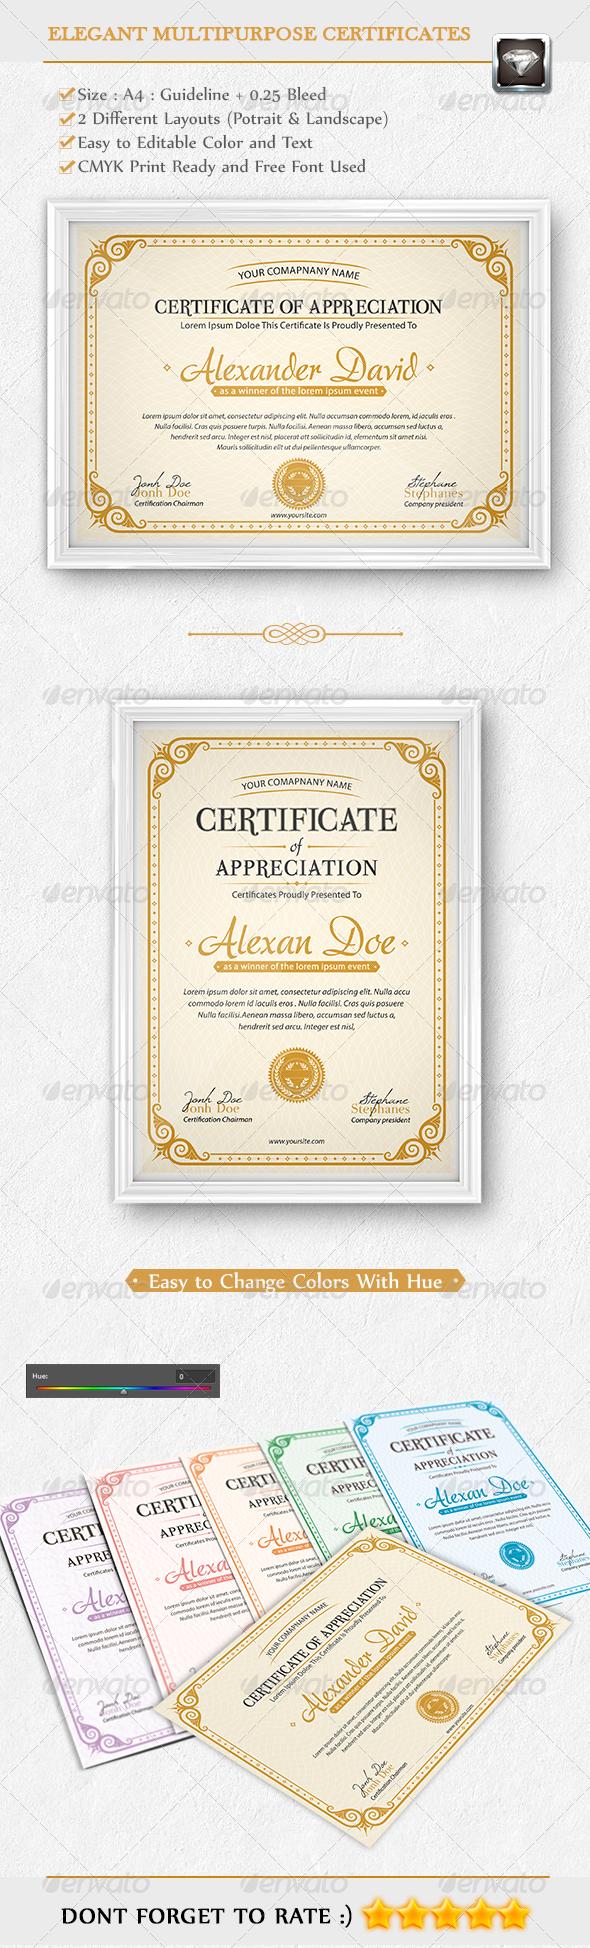 Elegant Multipurpose Certificates